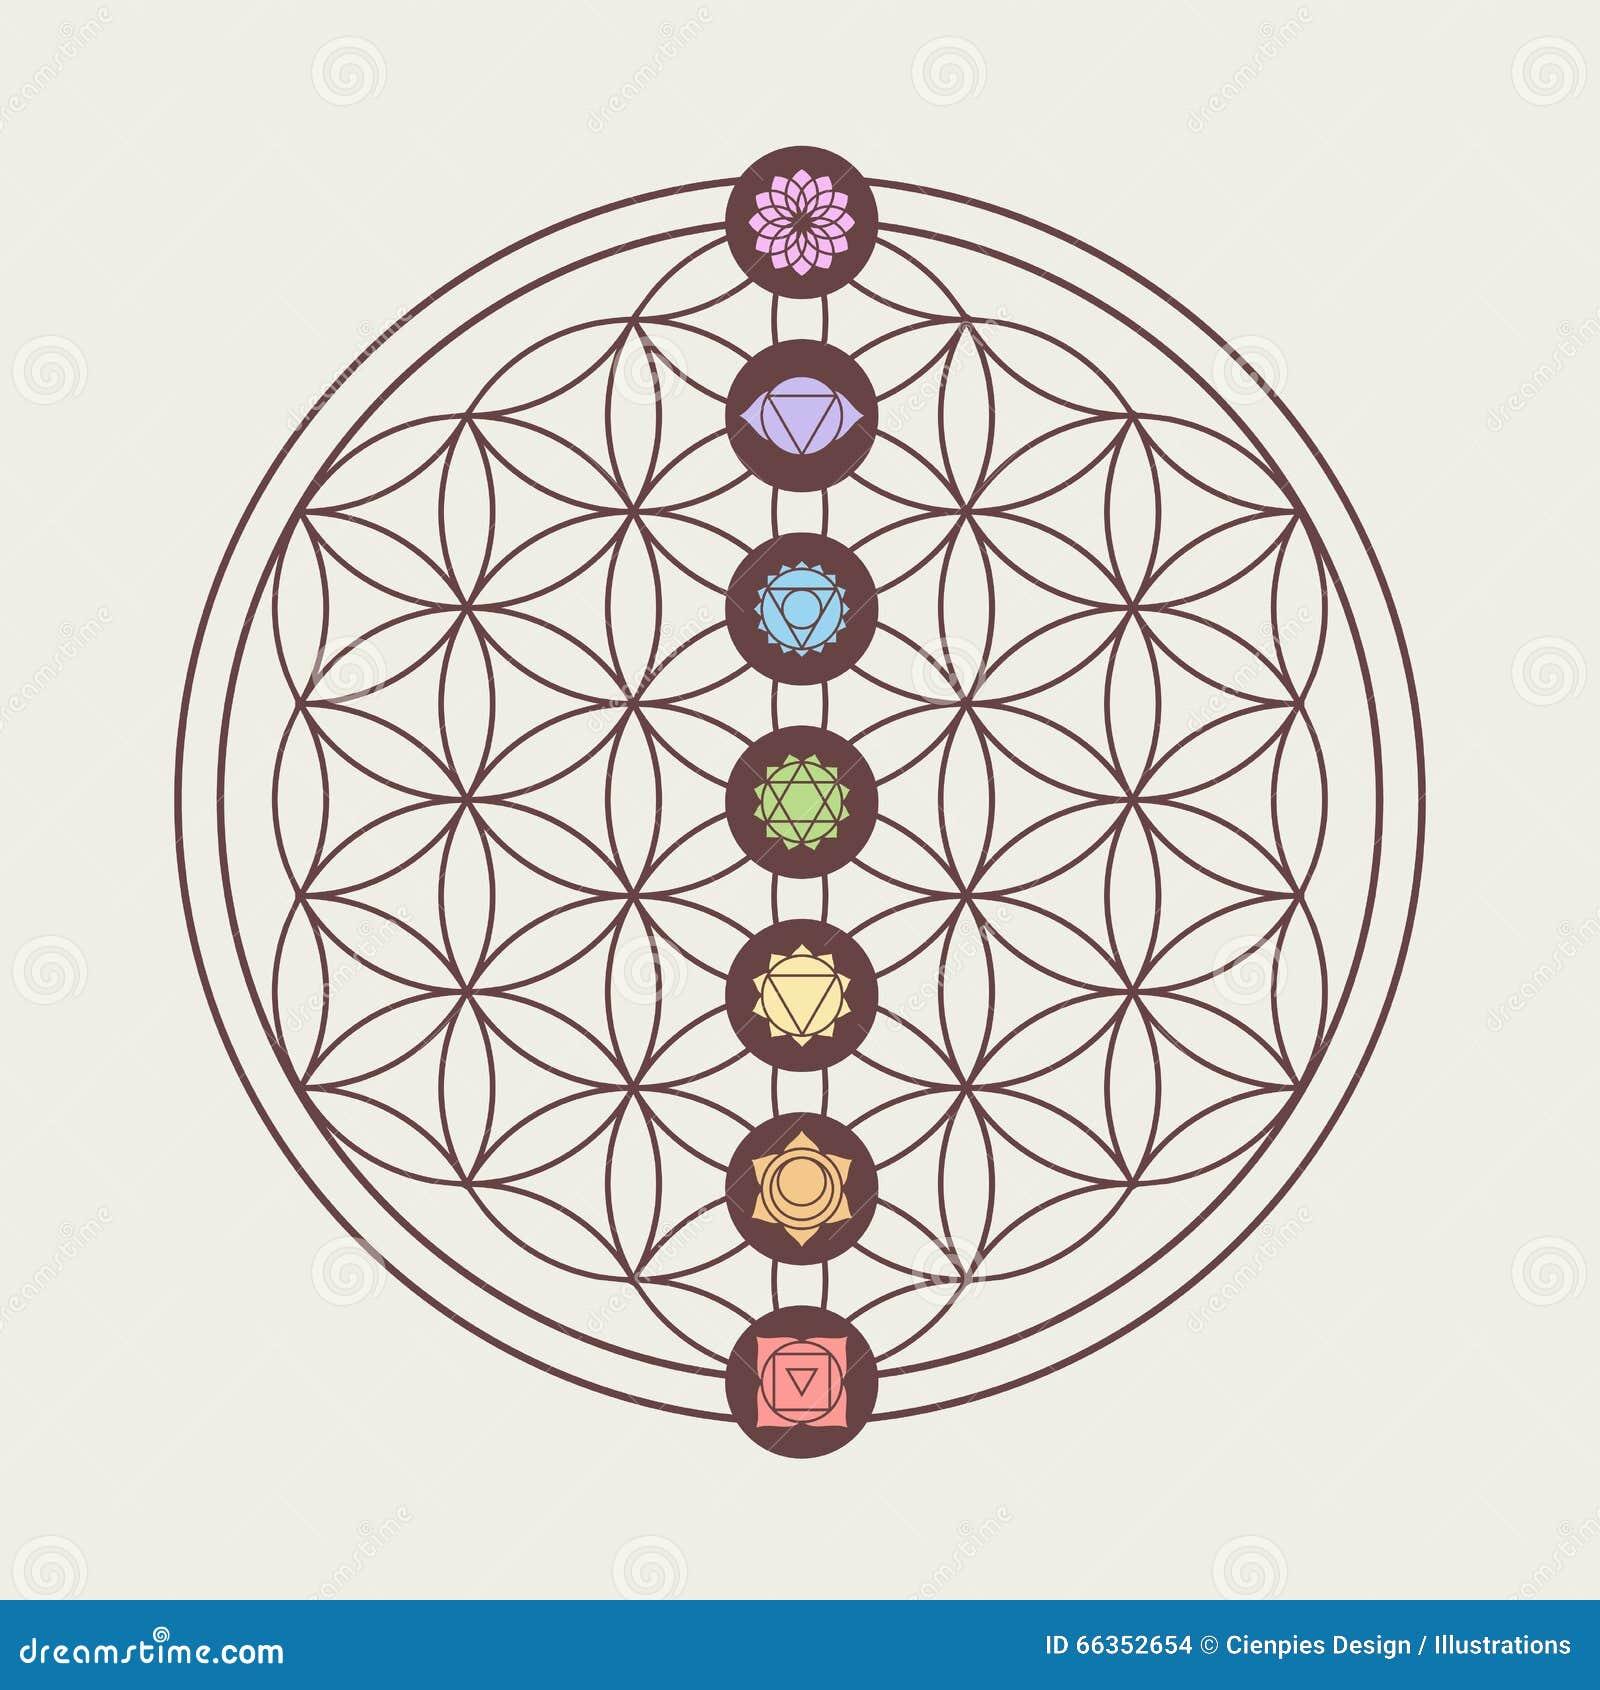 Iconos de Chakra en diseño sagrado de la geometría